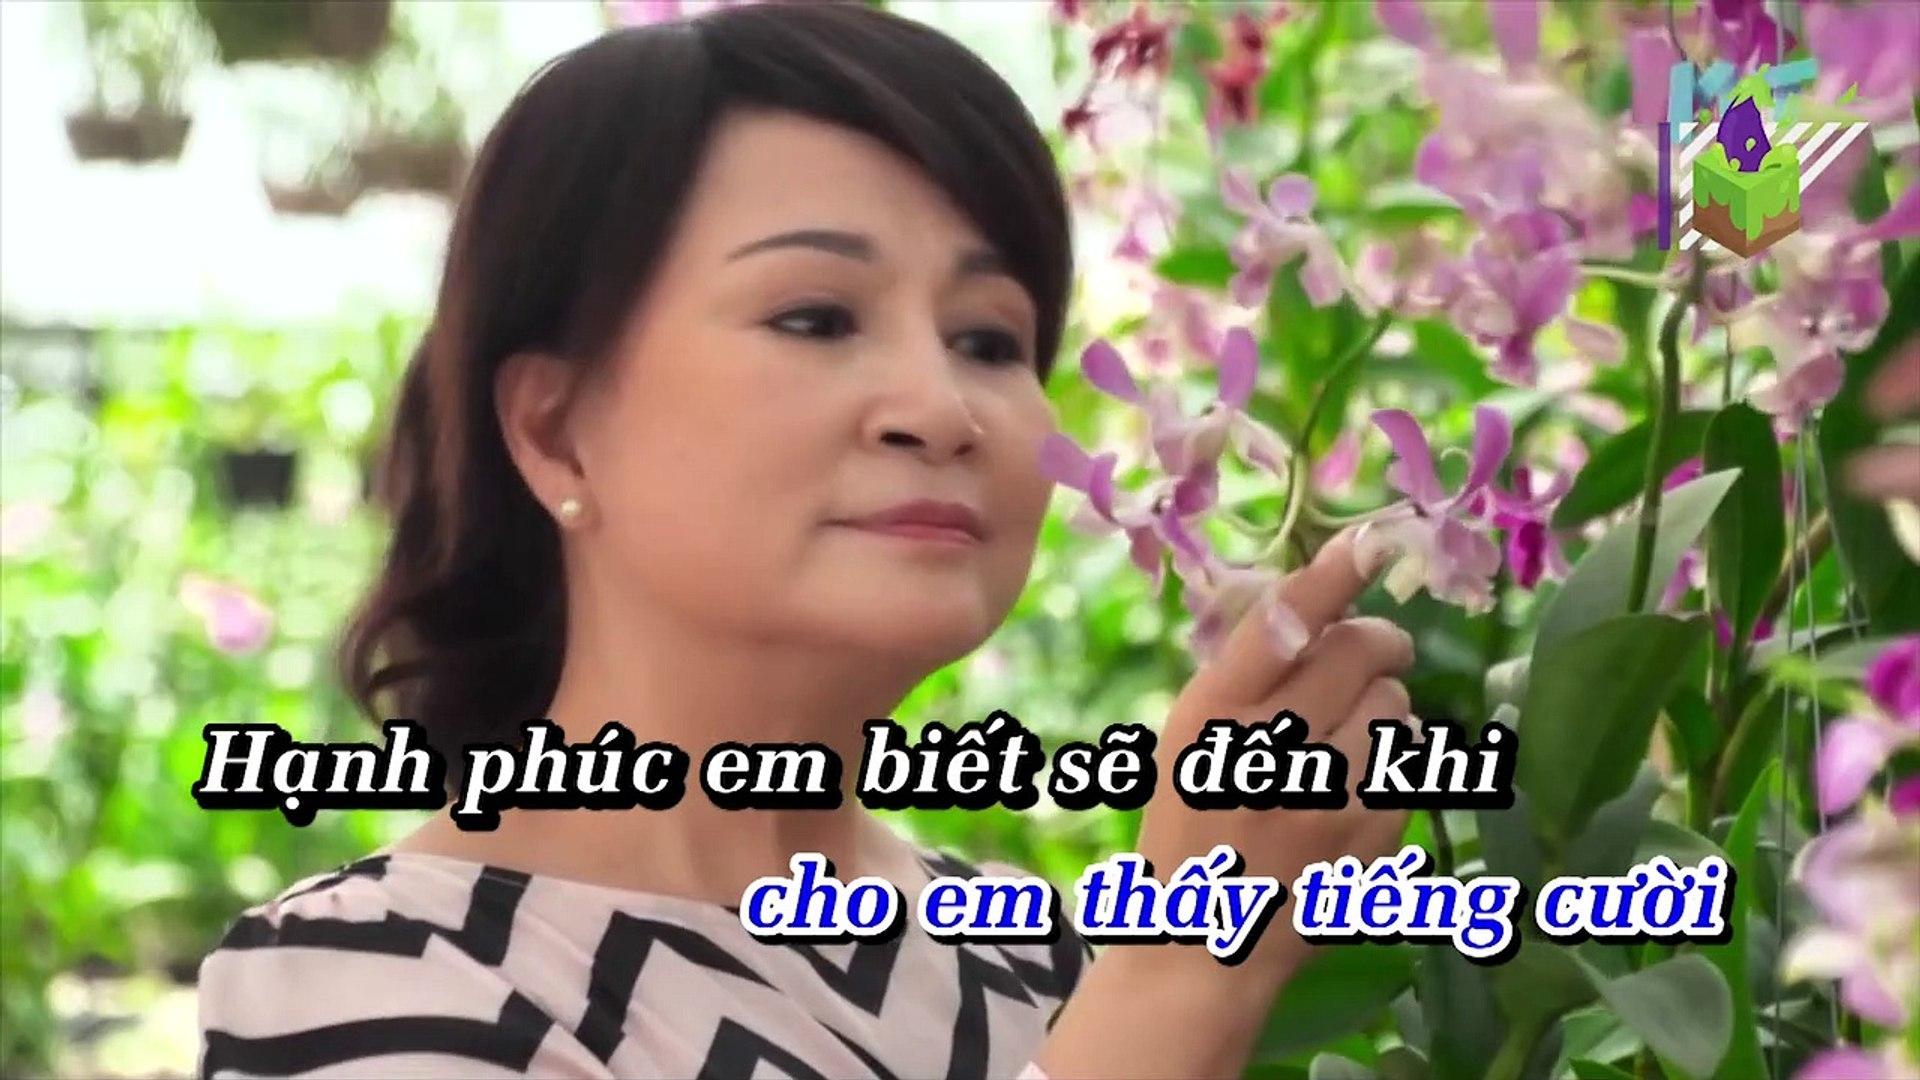 [Karaoke] Bến Nước 13 - Nguyễn Hồng Thuận [Beat]